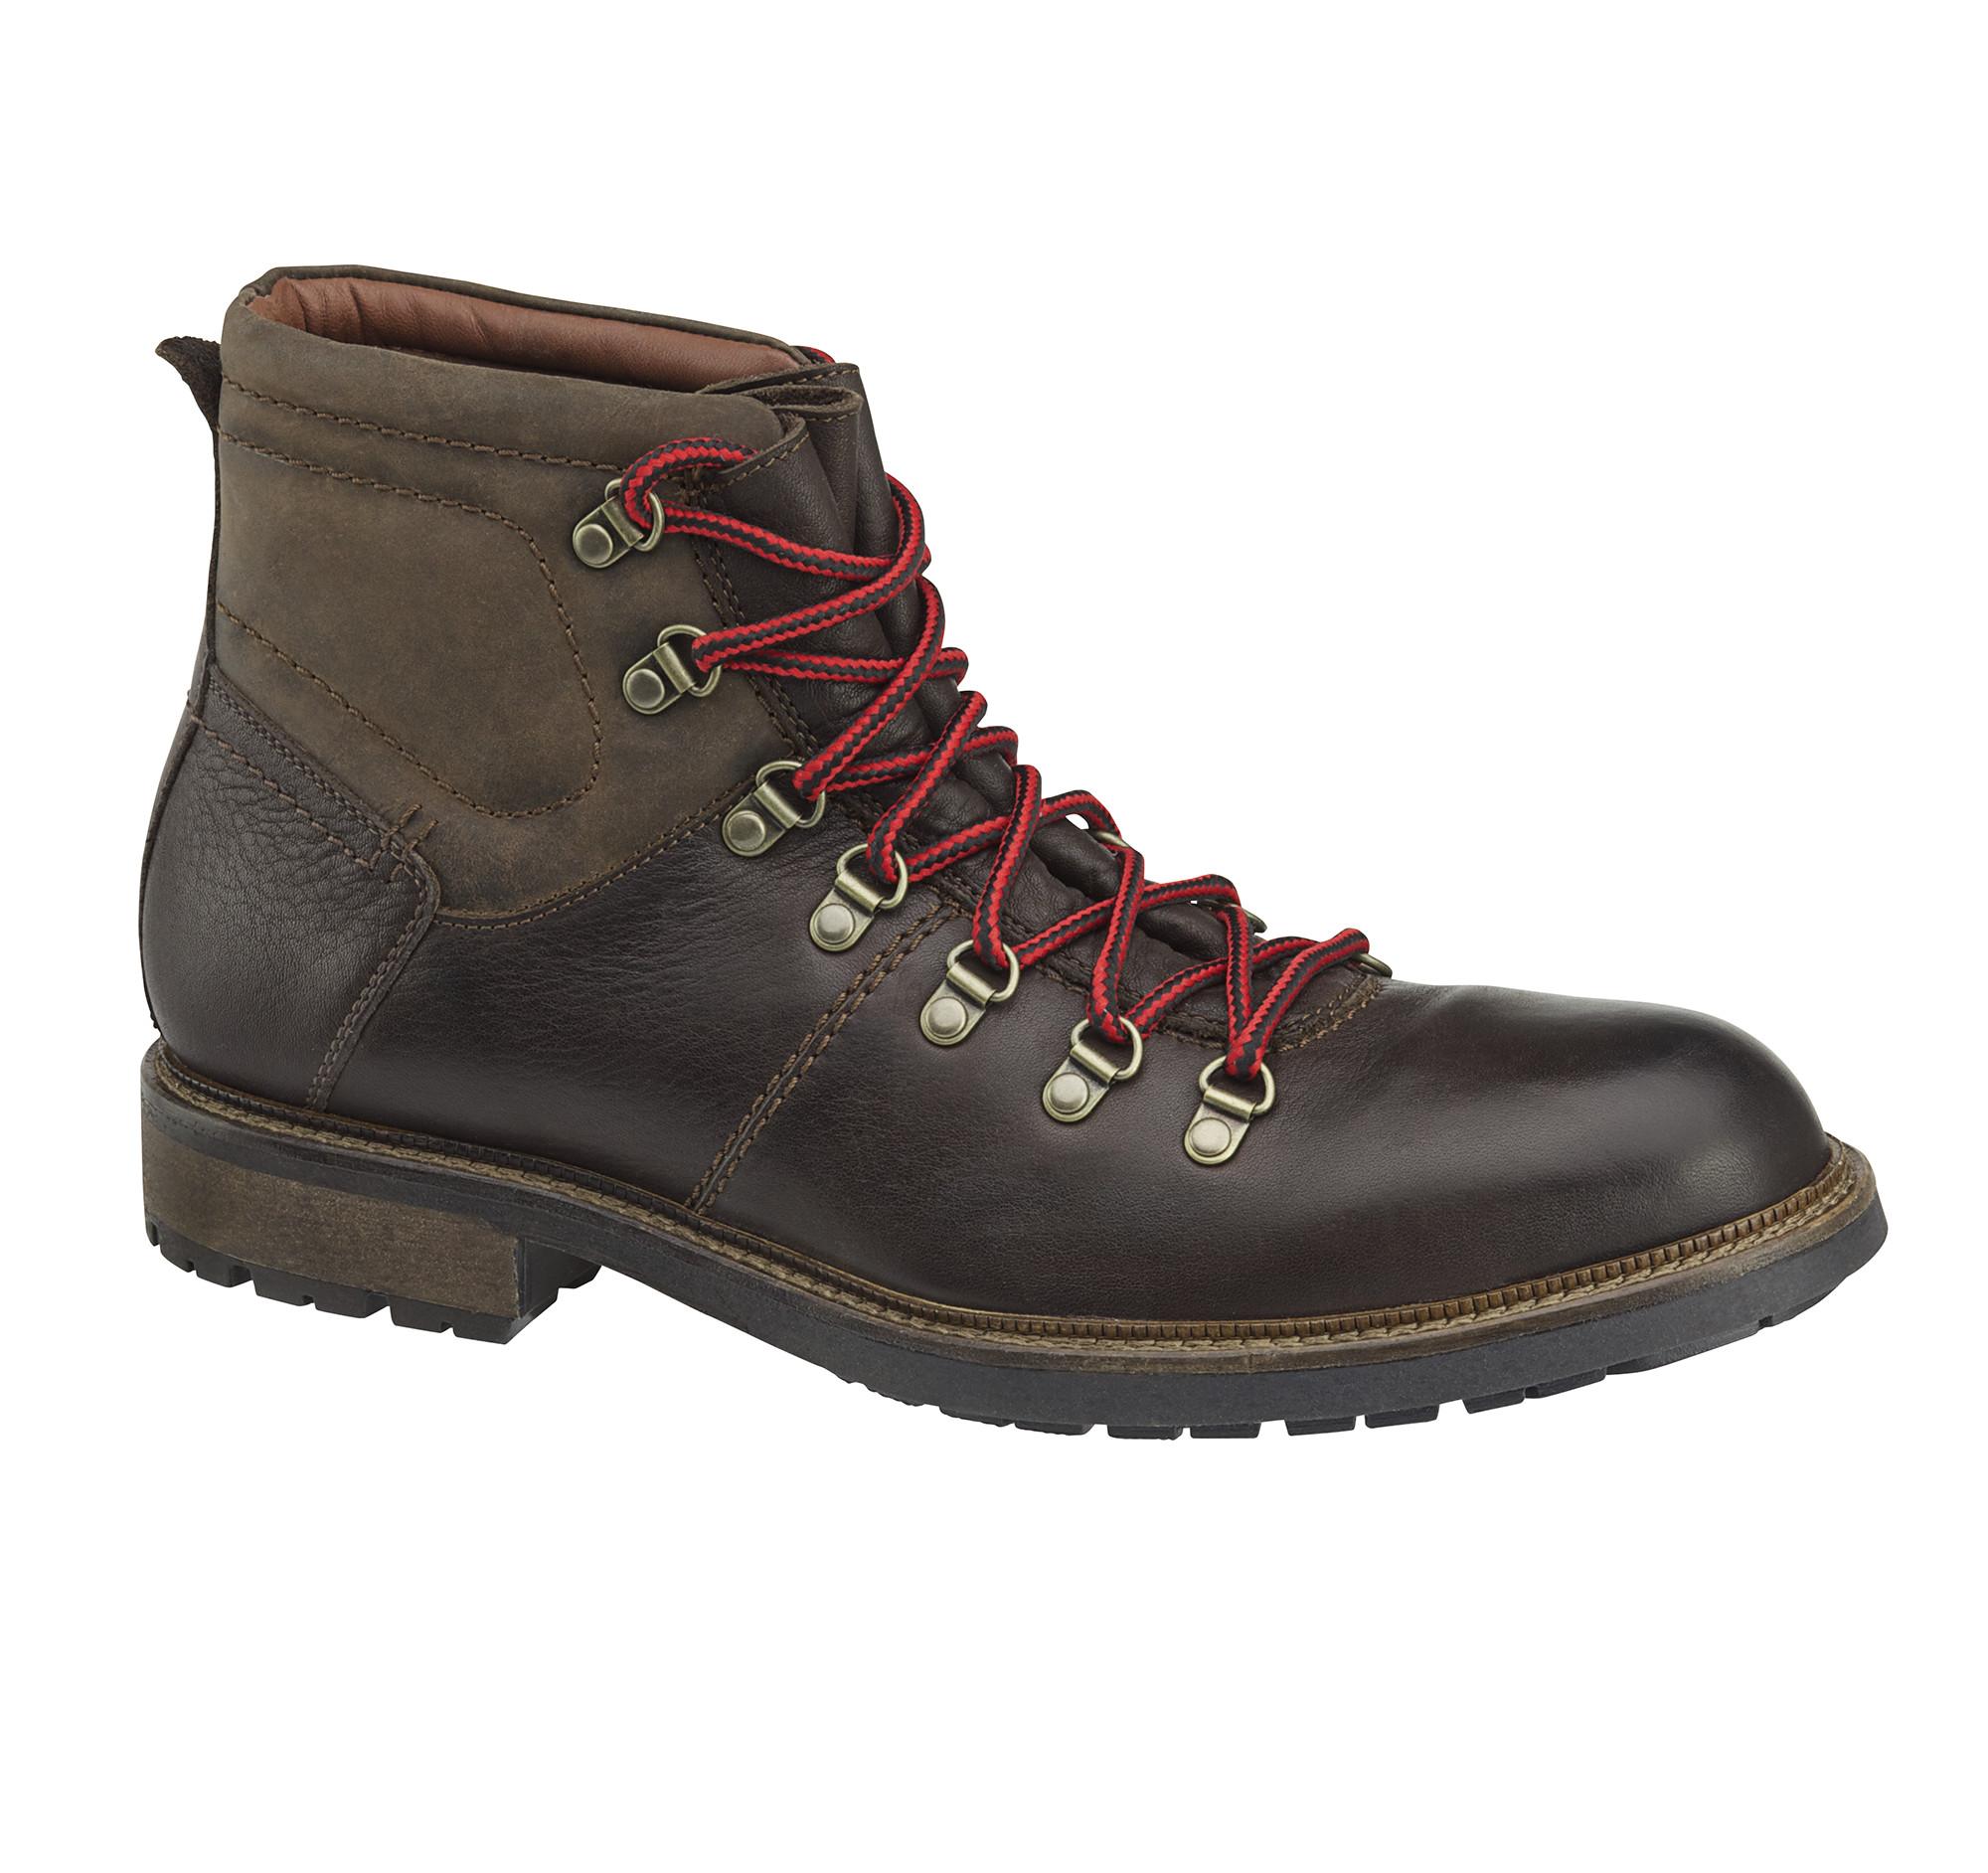 e1a87b67de1 McHugh Alpine Boot | Johnston & Murphy